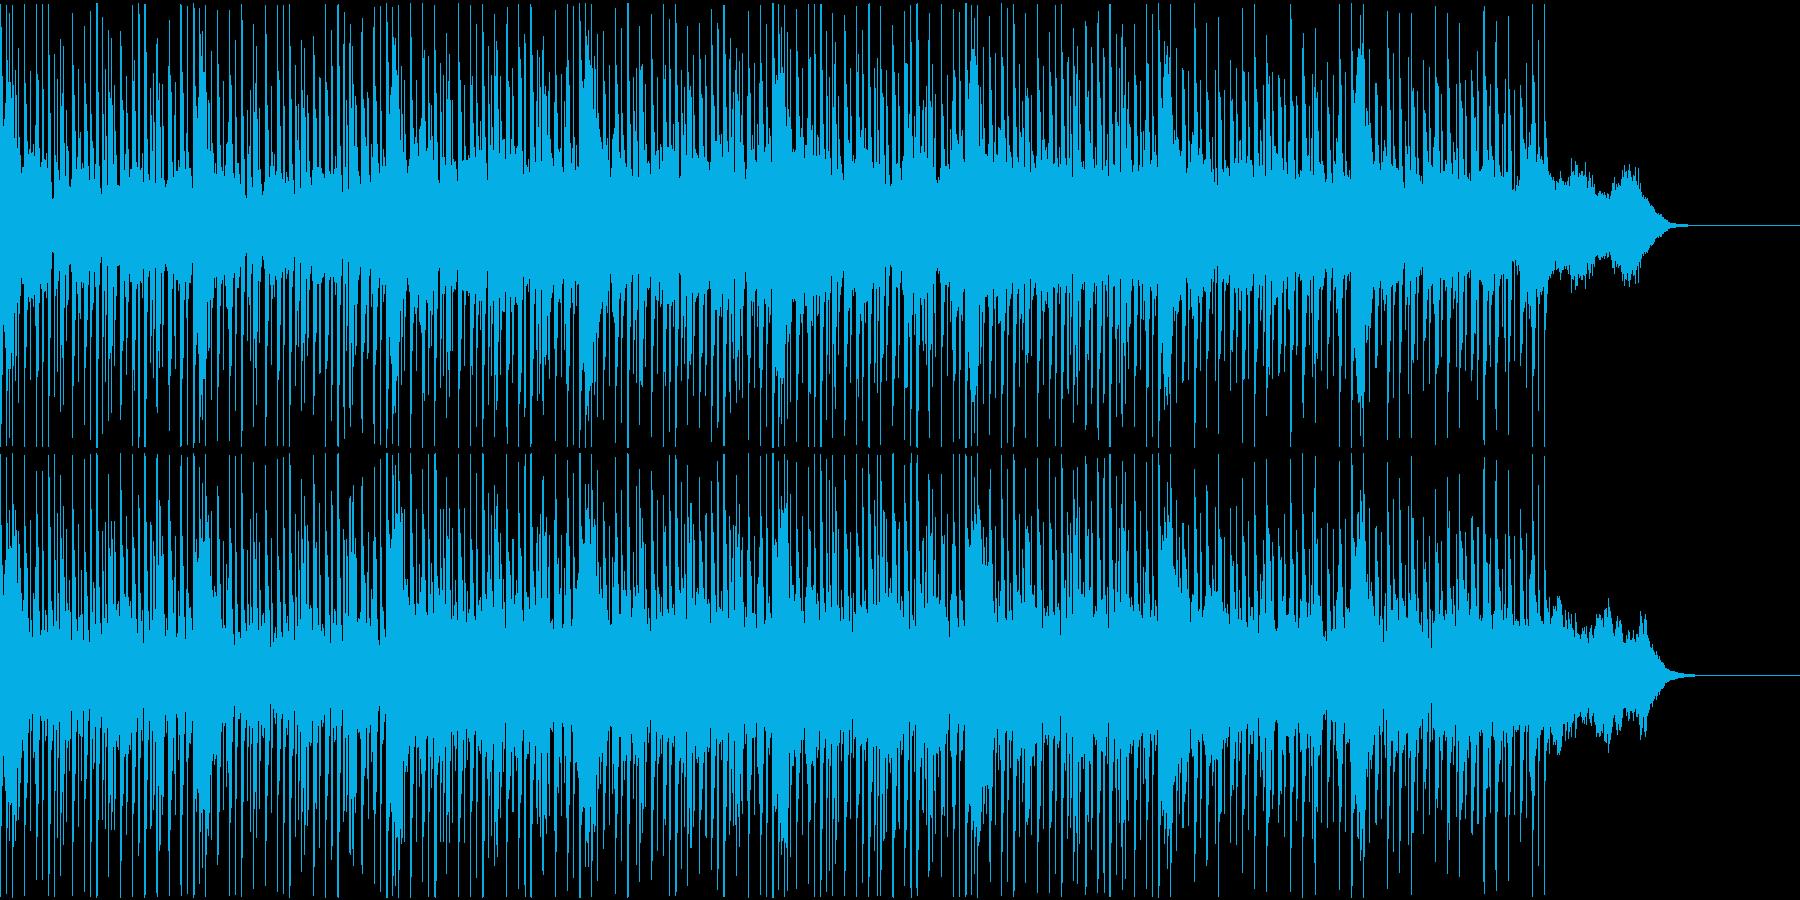 宇宙的なエレクトロ調BGMの再生済みの波形